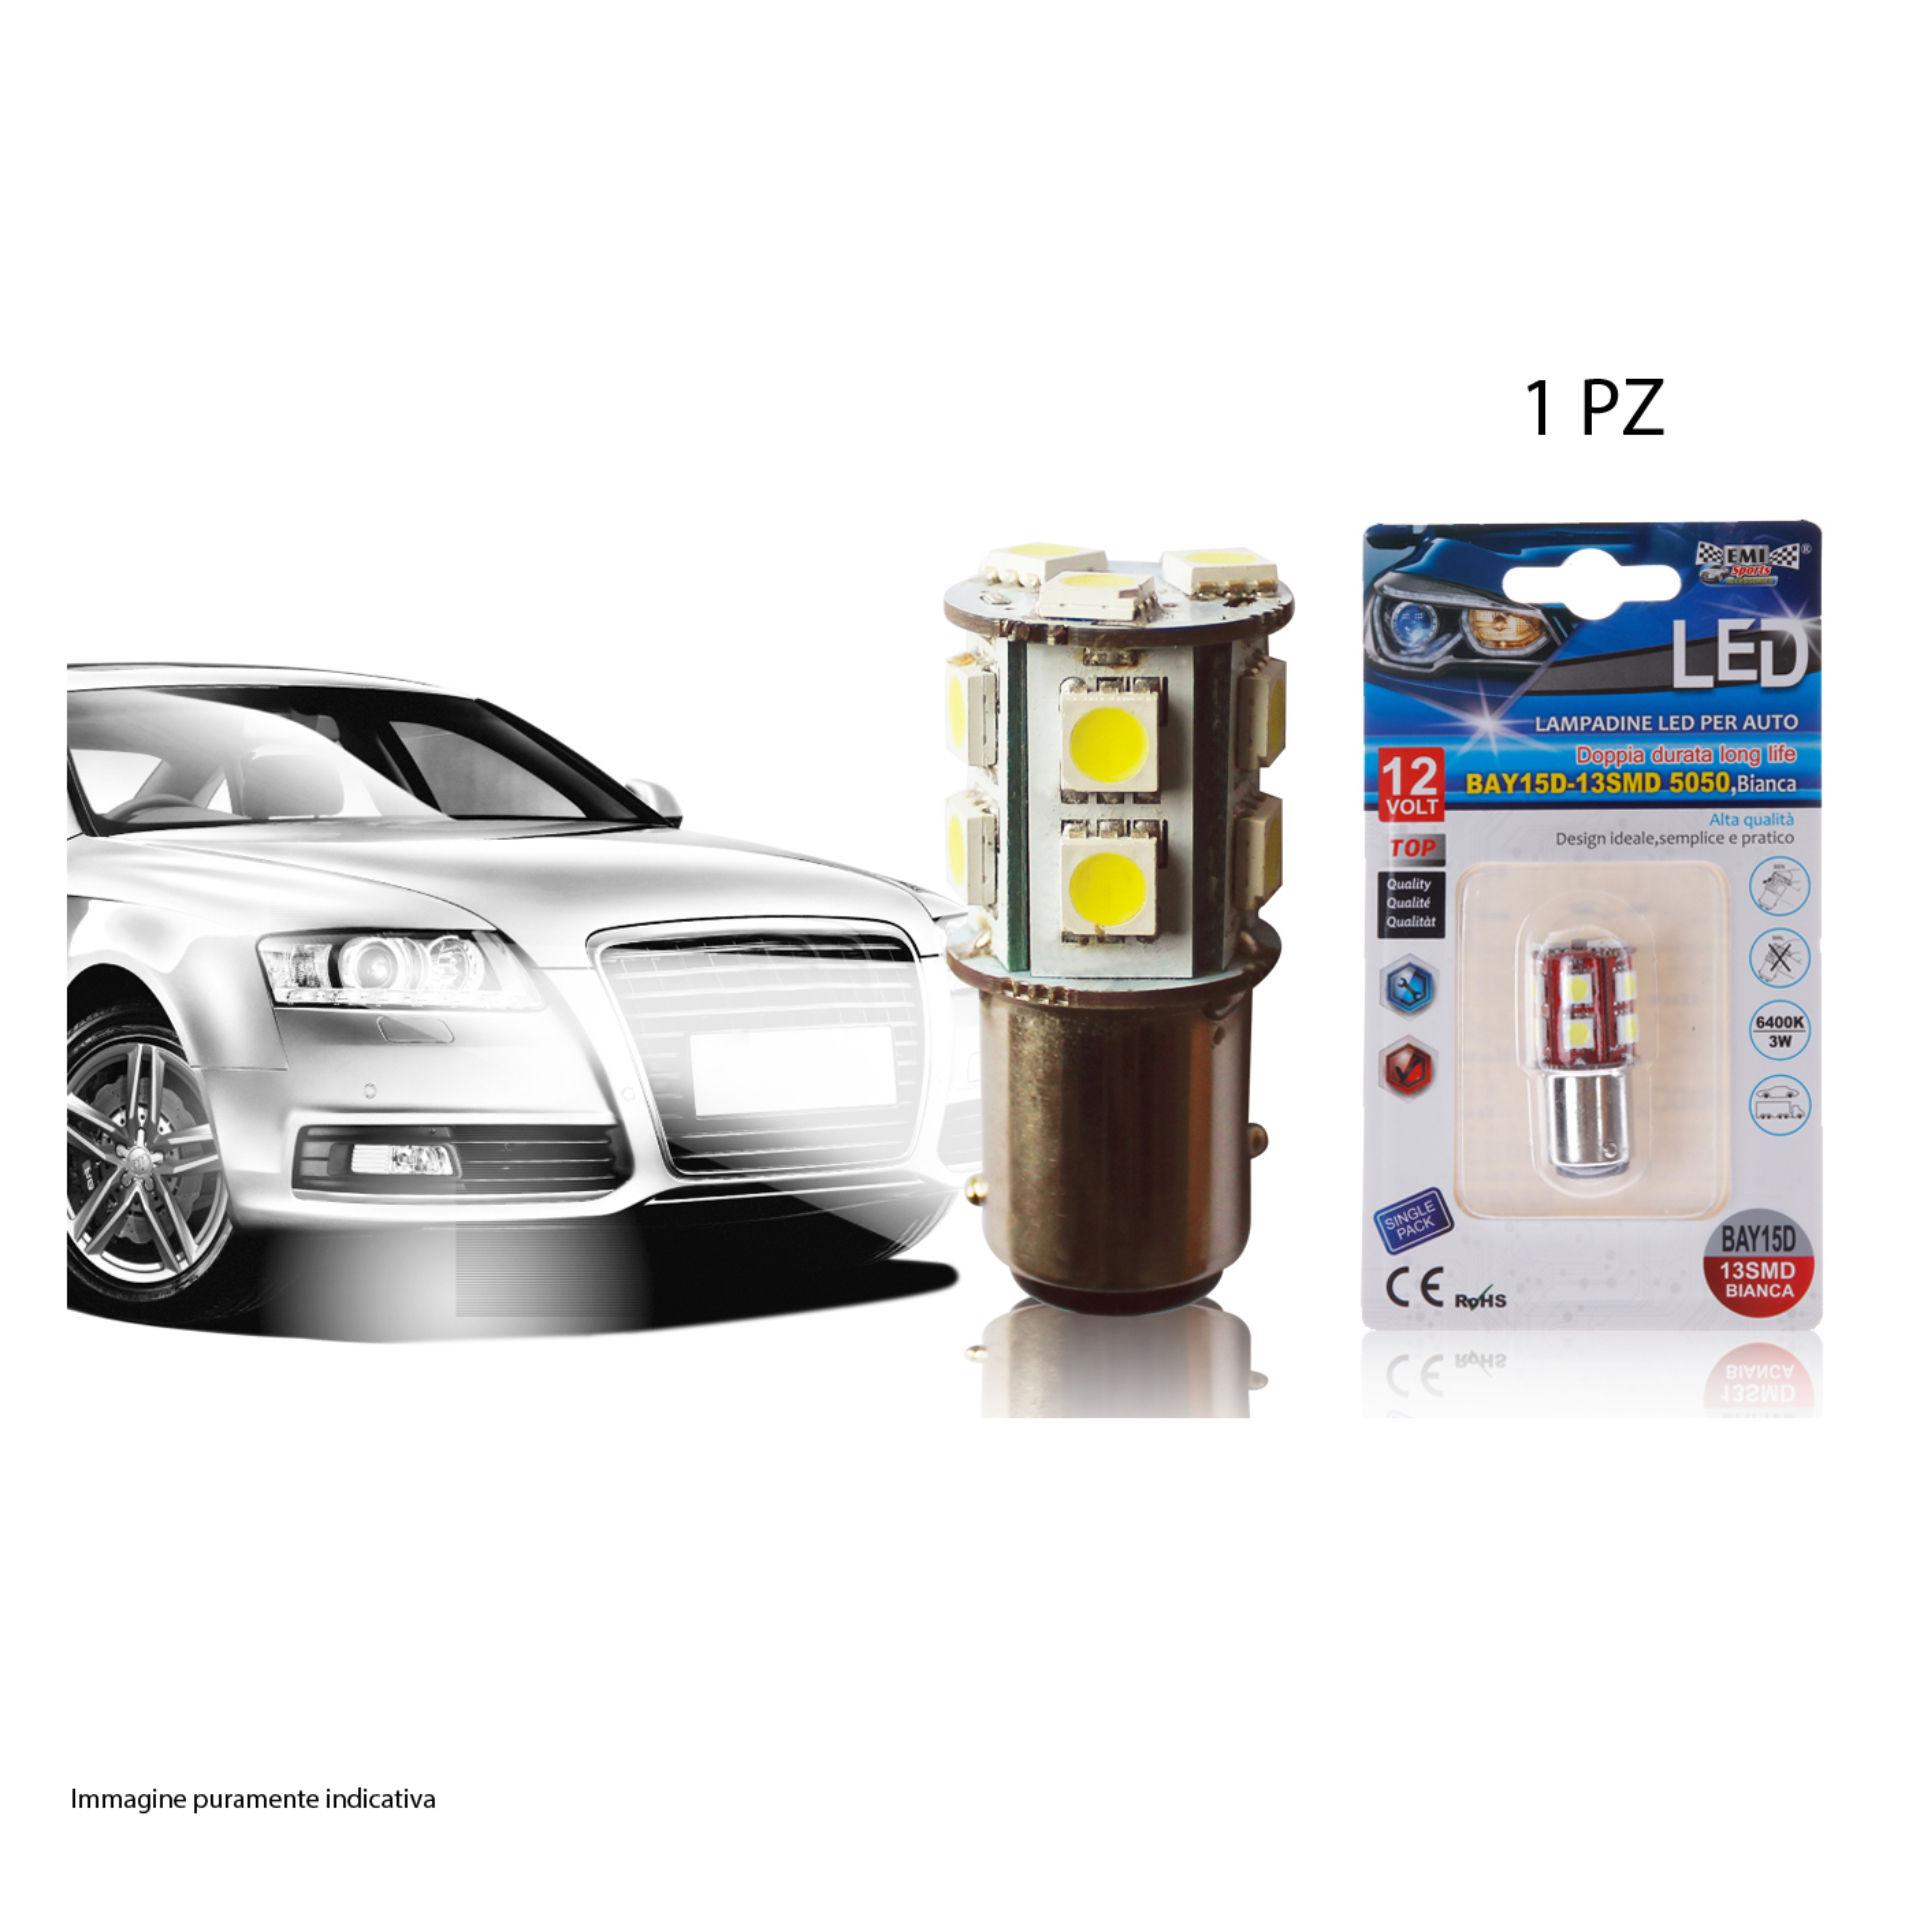 LAMPADINE LED PER AUTO 1PCSEmi Style